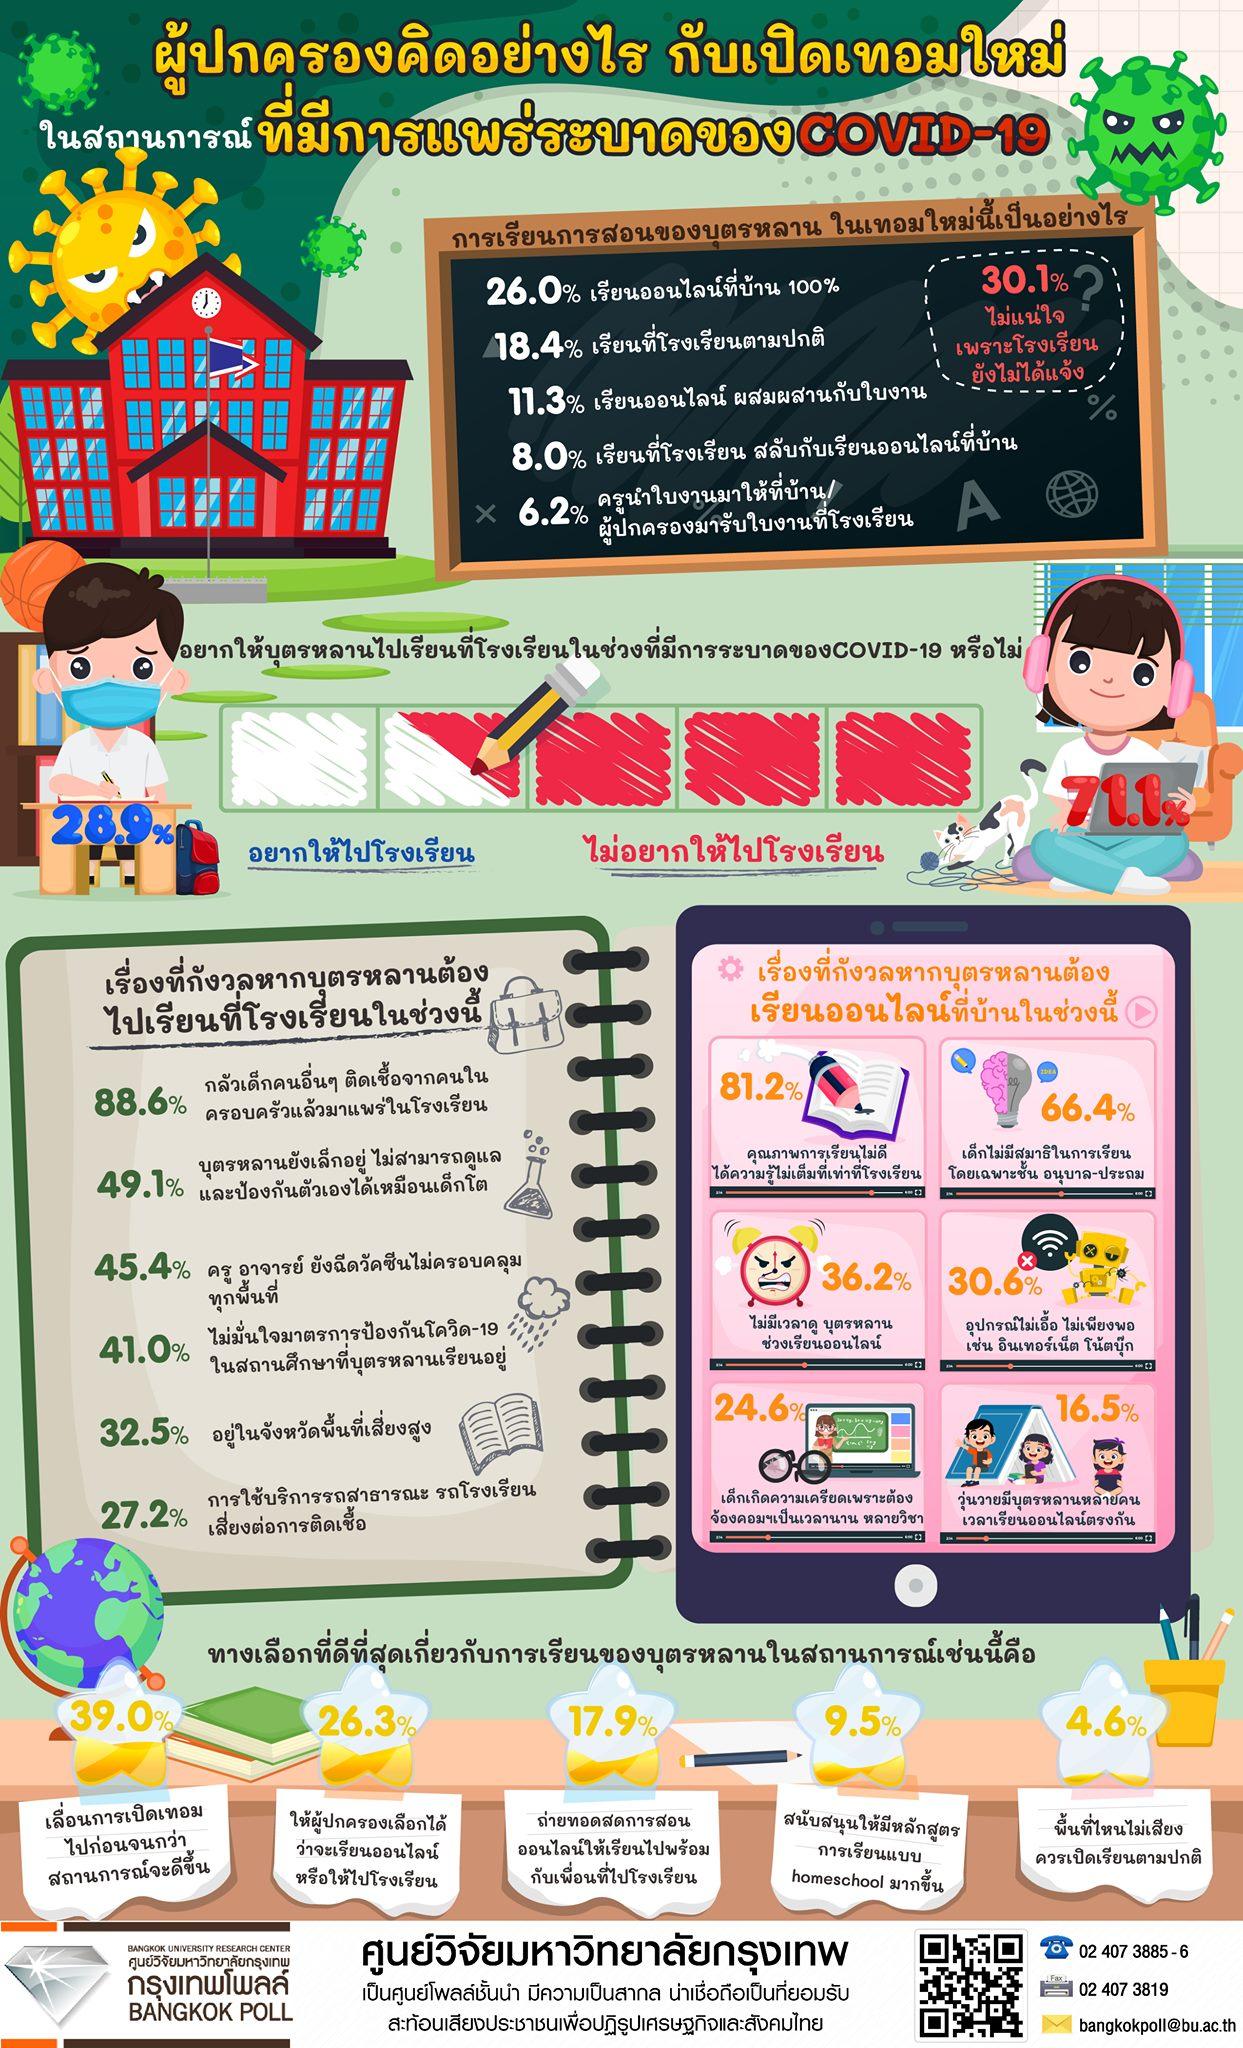 71.1%の親が子供を学校に行かせたくない、新型コロナに不安【タイ世論調査】